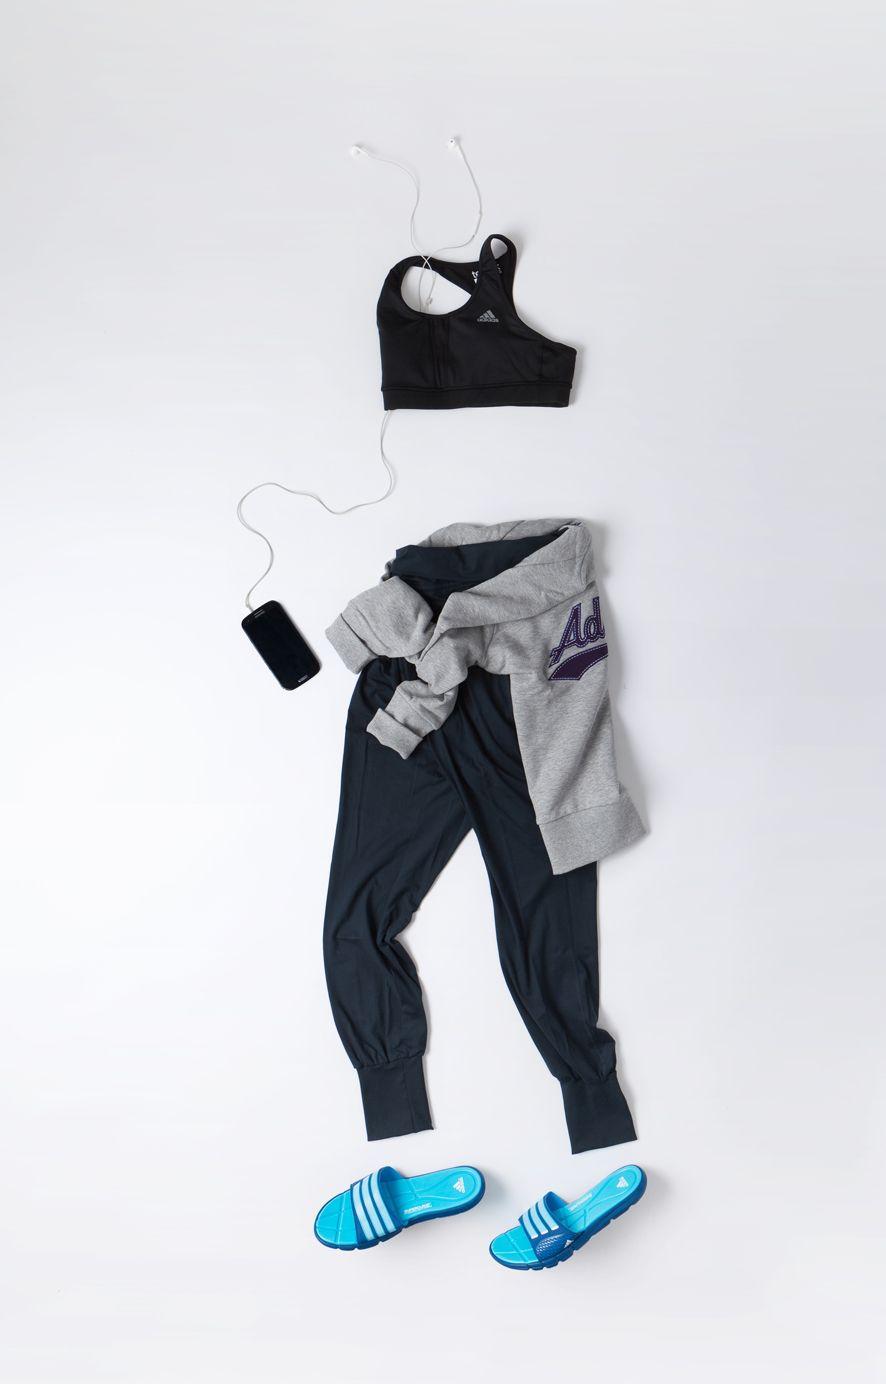 adidas performance, fitness flatlay, gym flatlay 옷, 제품, 의류